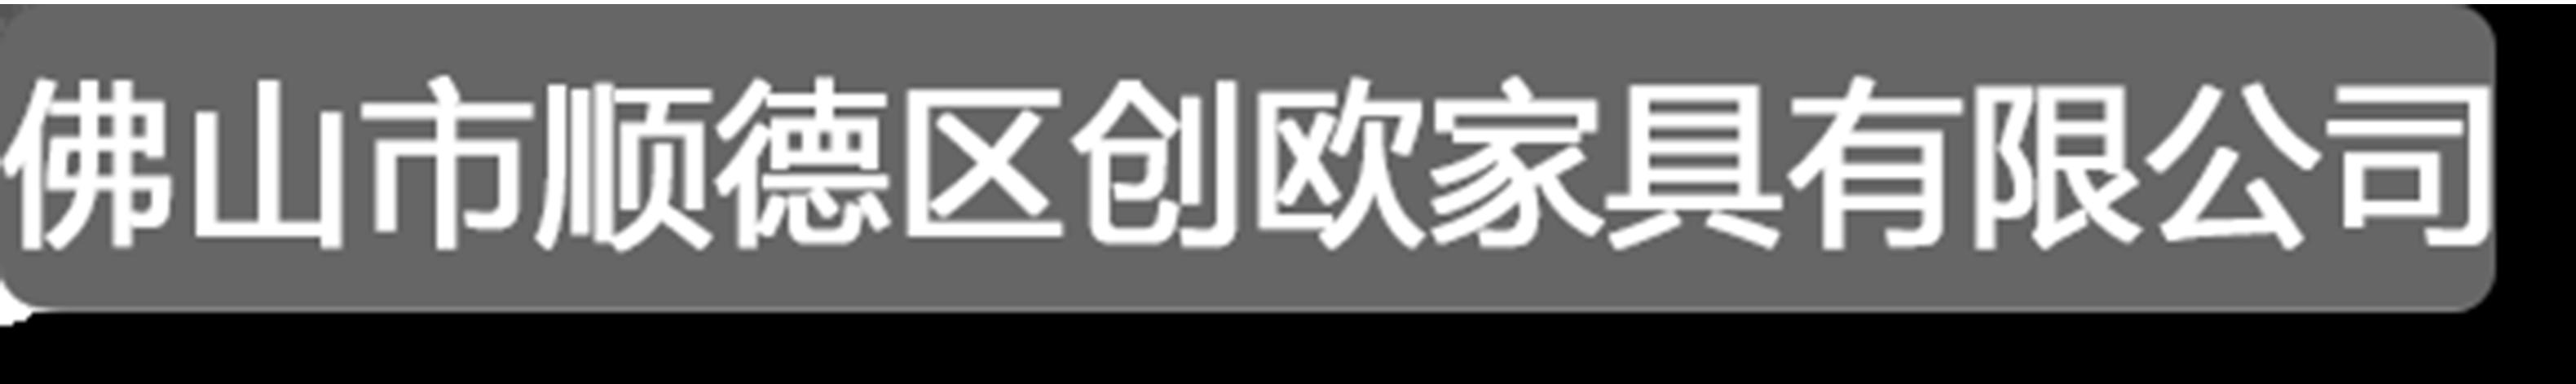 酒店ballbet贝博足彩ballbet贝博网站